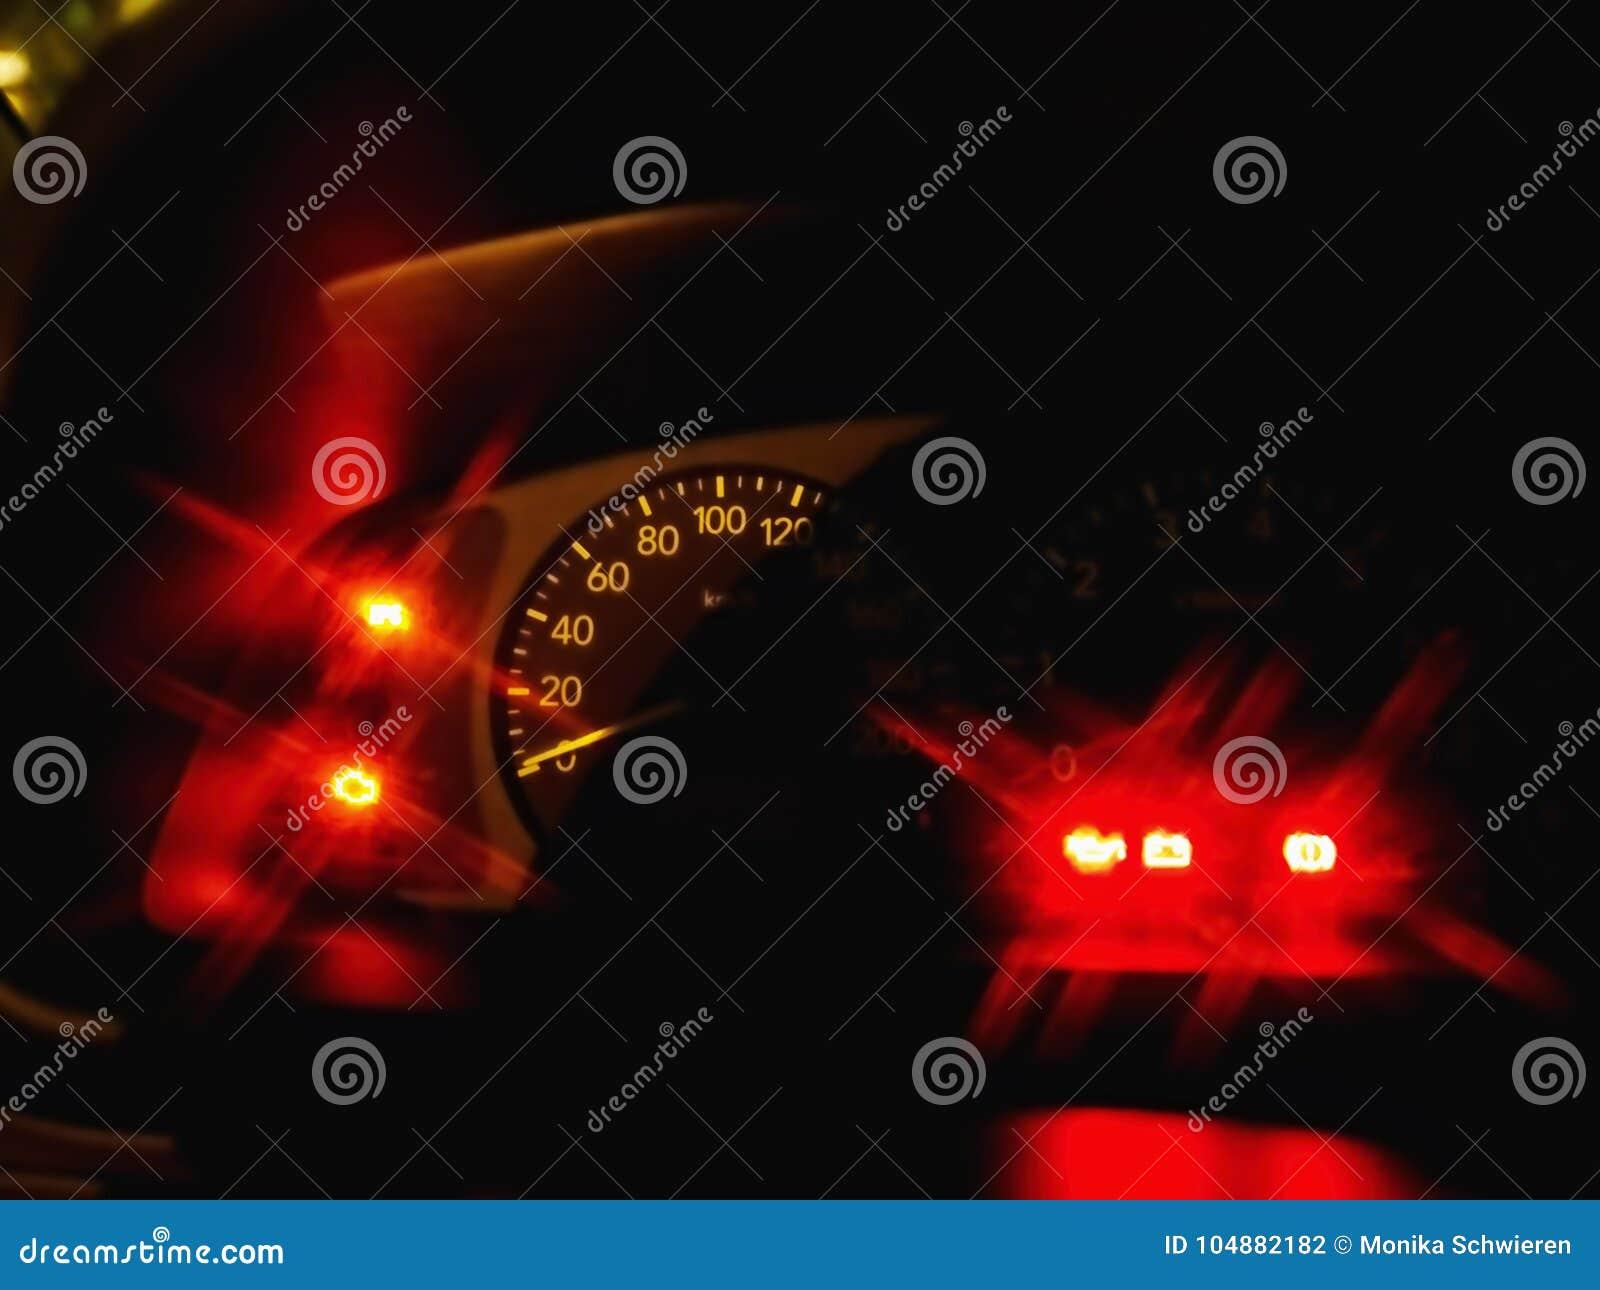 Eine Nahaufnahme von einem Geschwindigkeitsmesser eines Auto innight, mit dem Blinken von roten Lampen